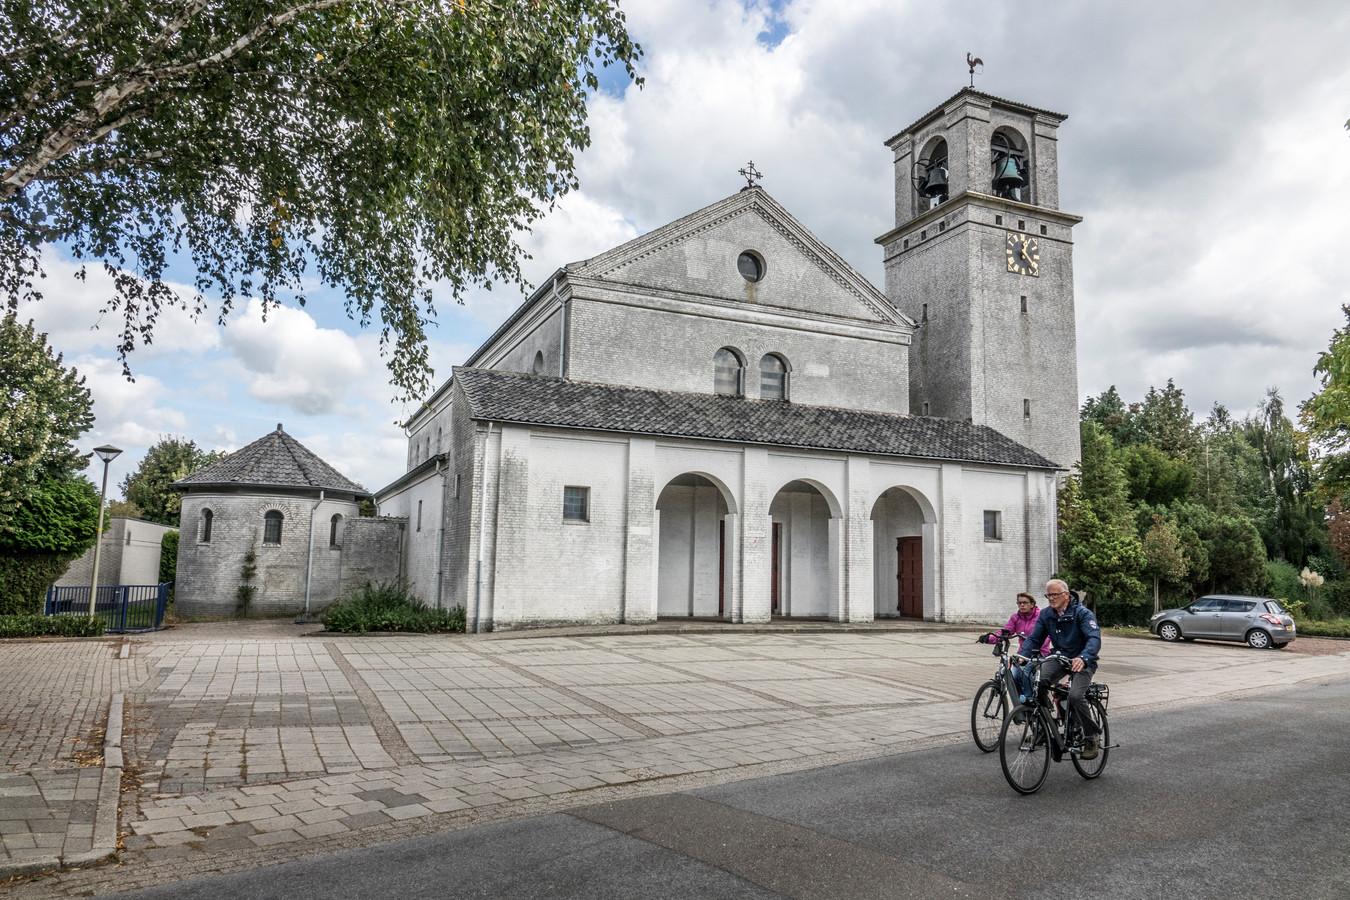 De Goddelijk Hart van Jezuskerk op De Horst. De kerk werd tussen 1951 en juni 1952 gebouwd als opvolger van de oorspronkelijke kerk in De Horst uit 1928 die in de Tweede Wereldoorlog verwoest werd.